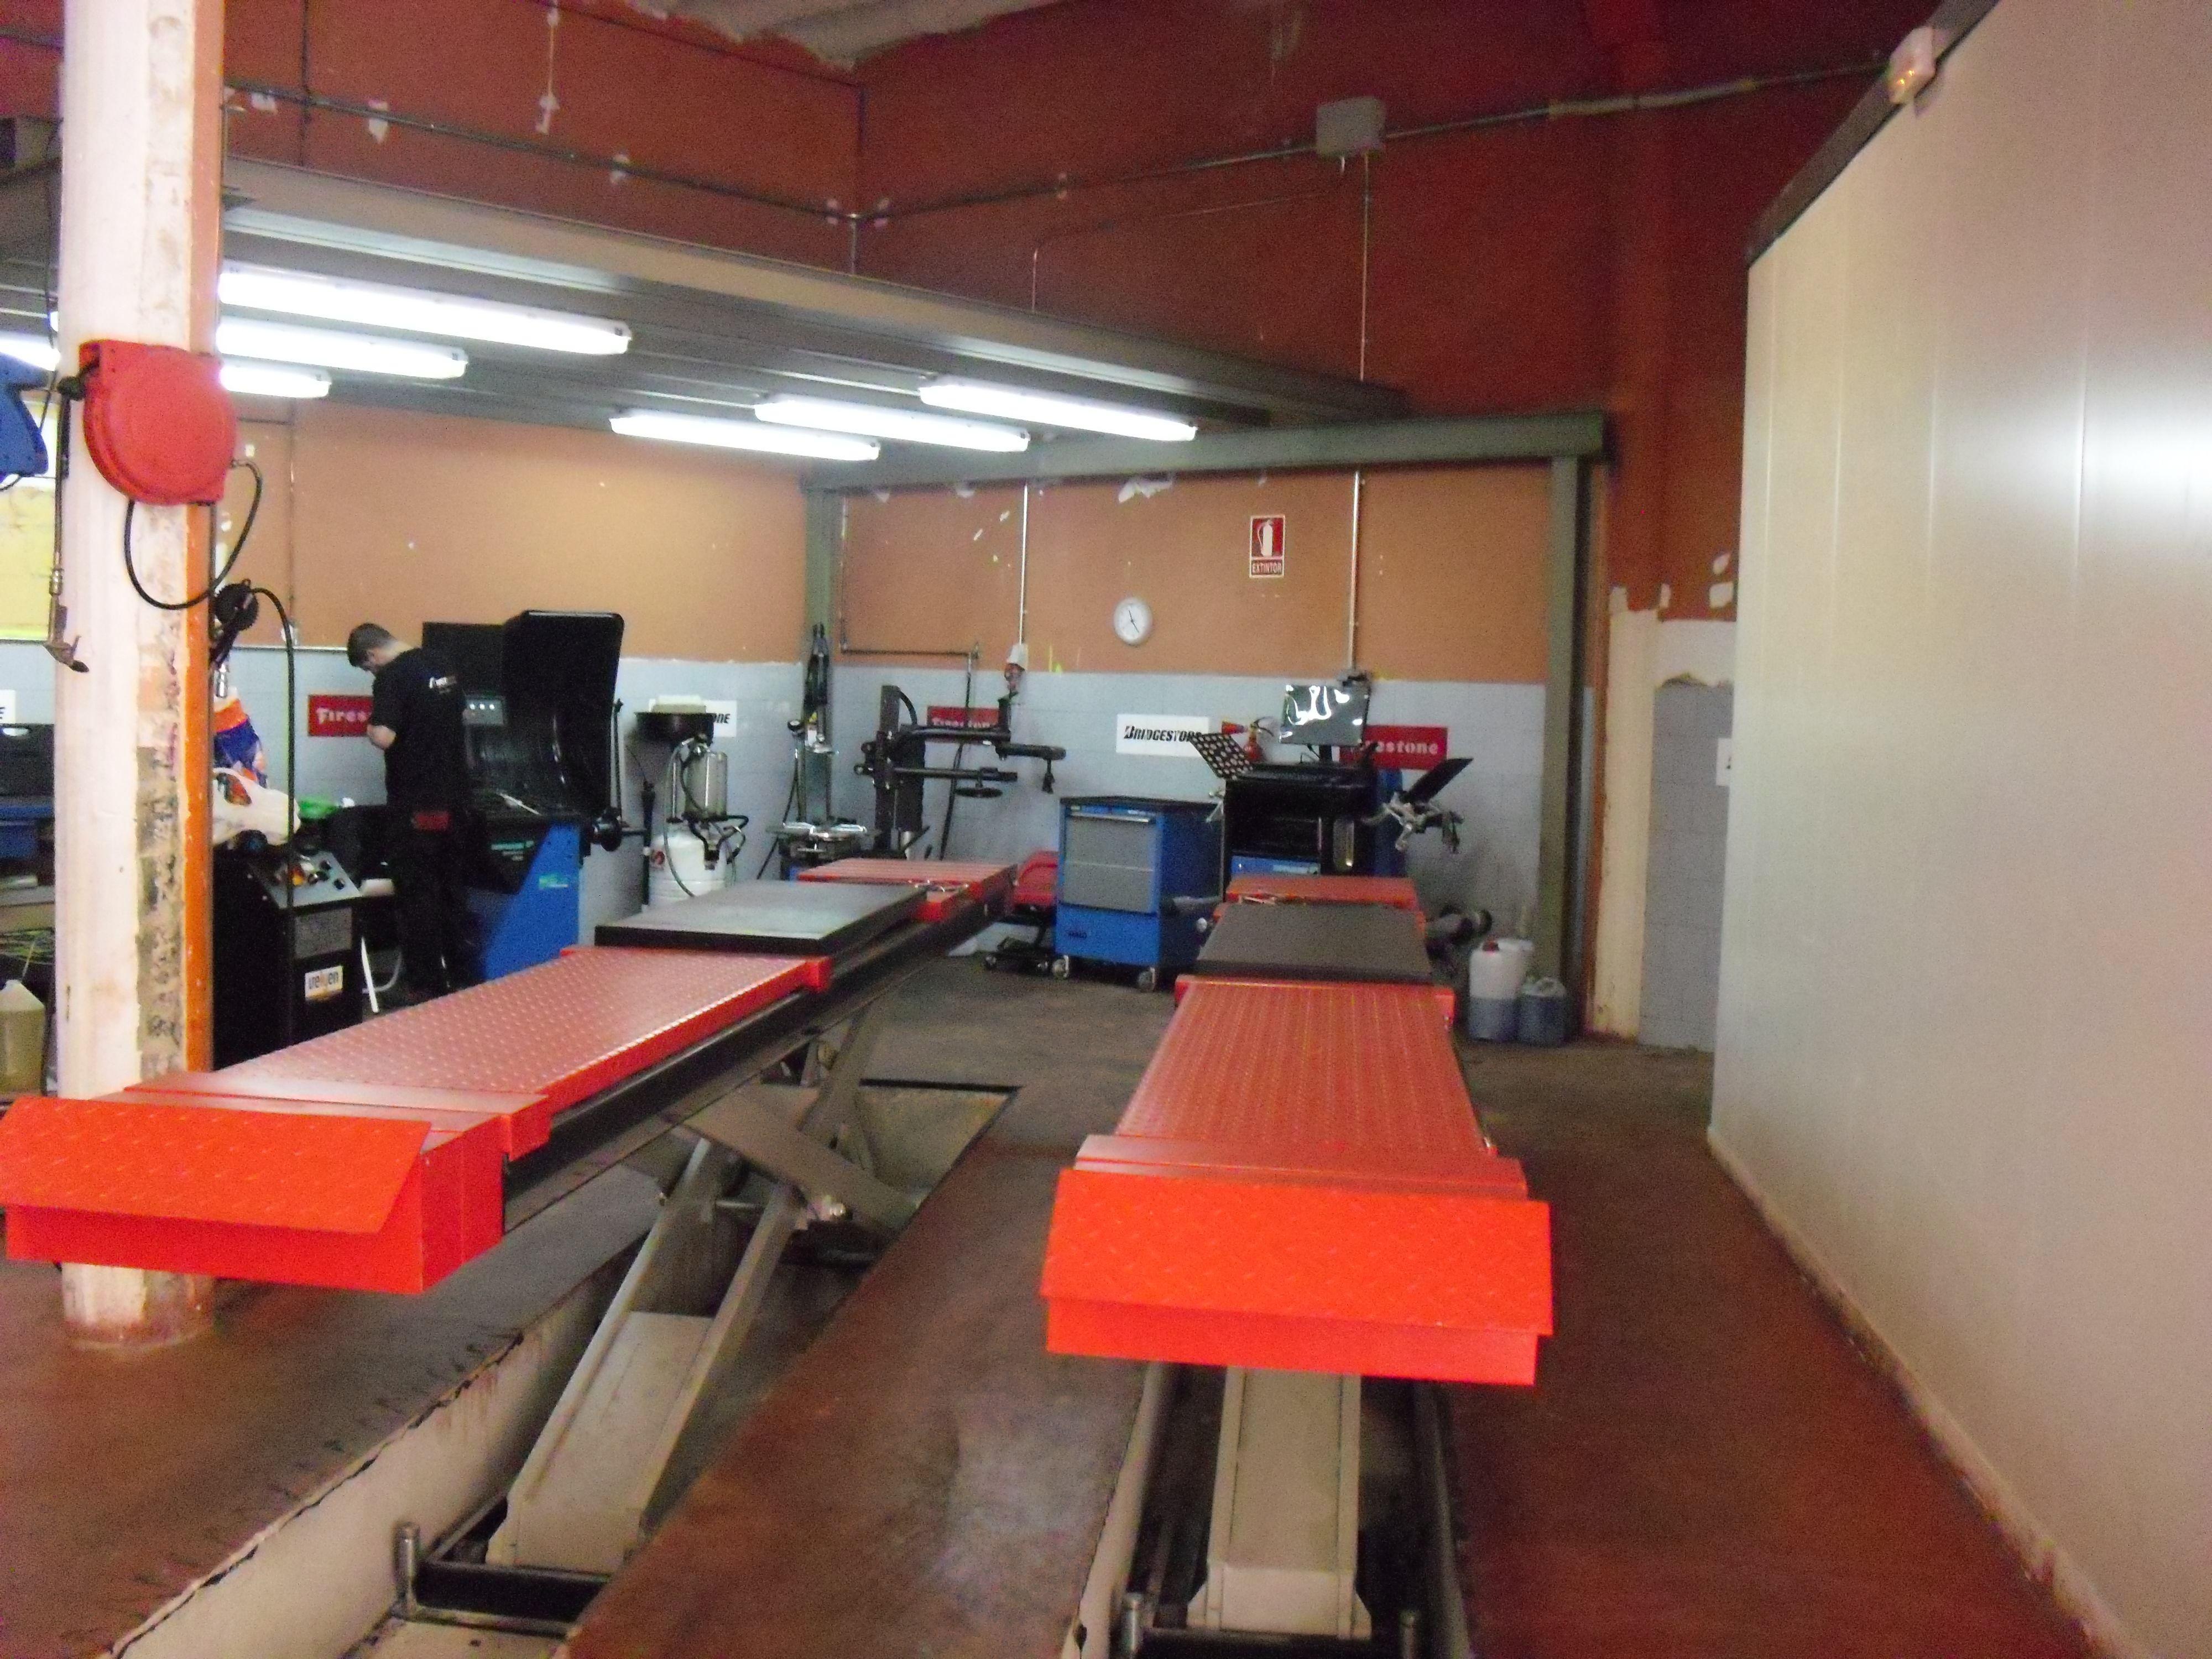 Taller para revisiones y mantenimiento de vehículos en El Masnou